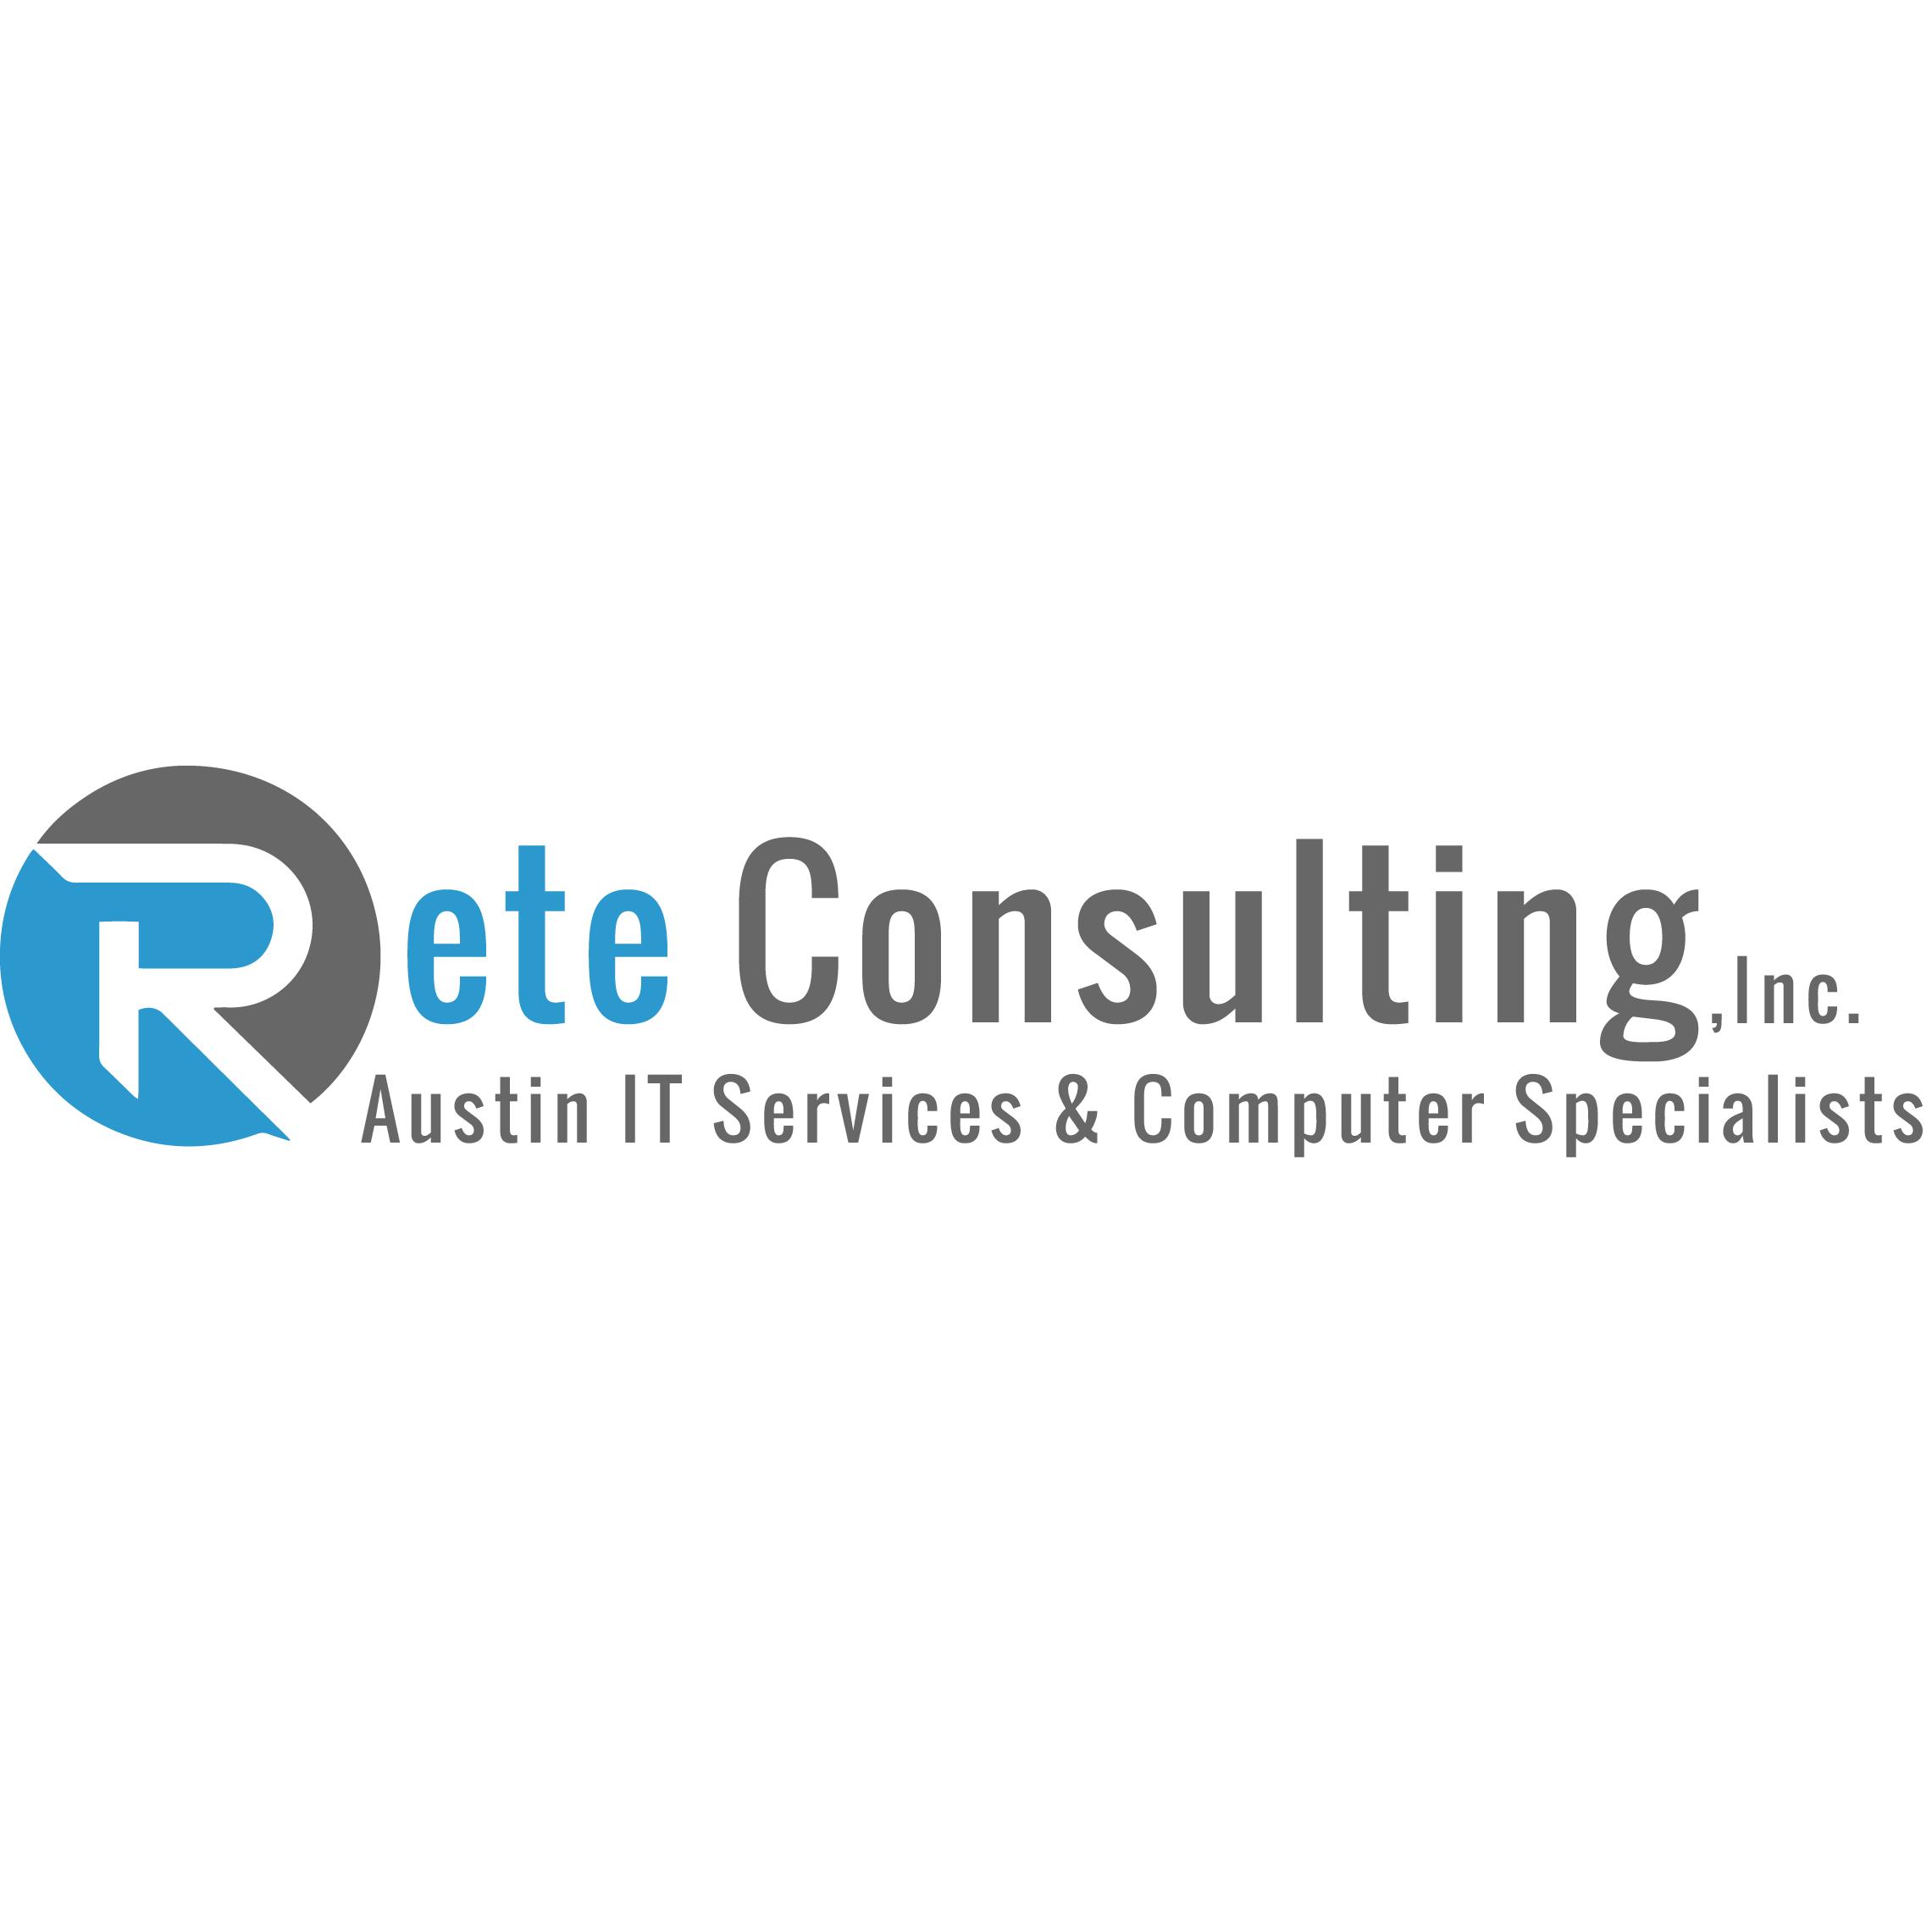 Rete Consulting, Inc. Logo